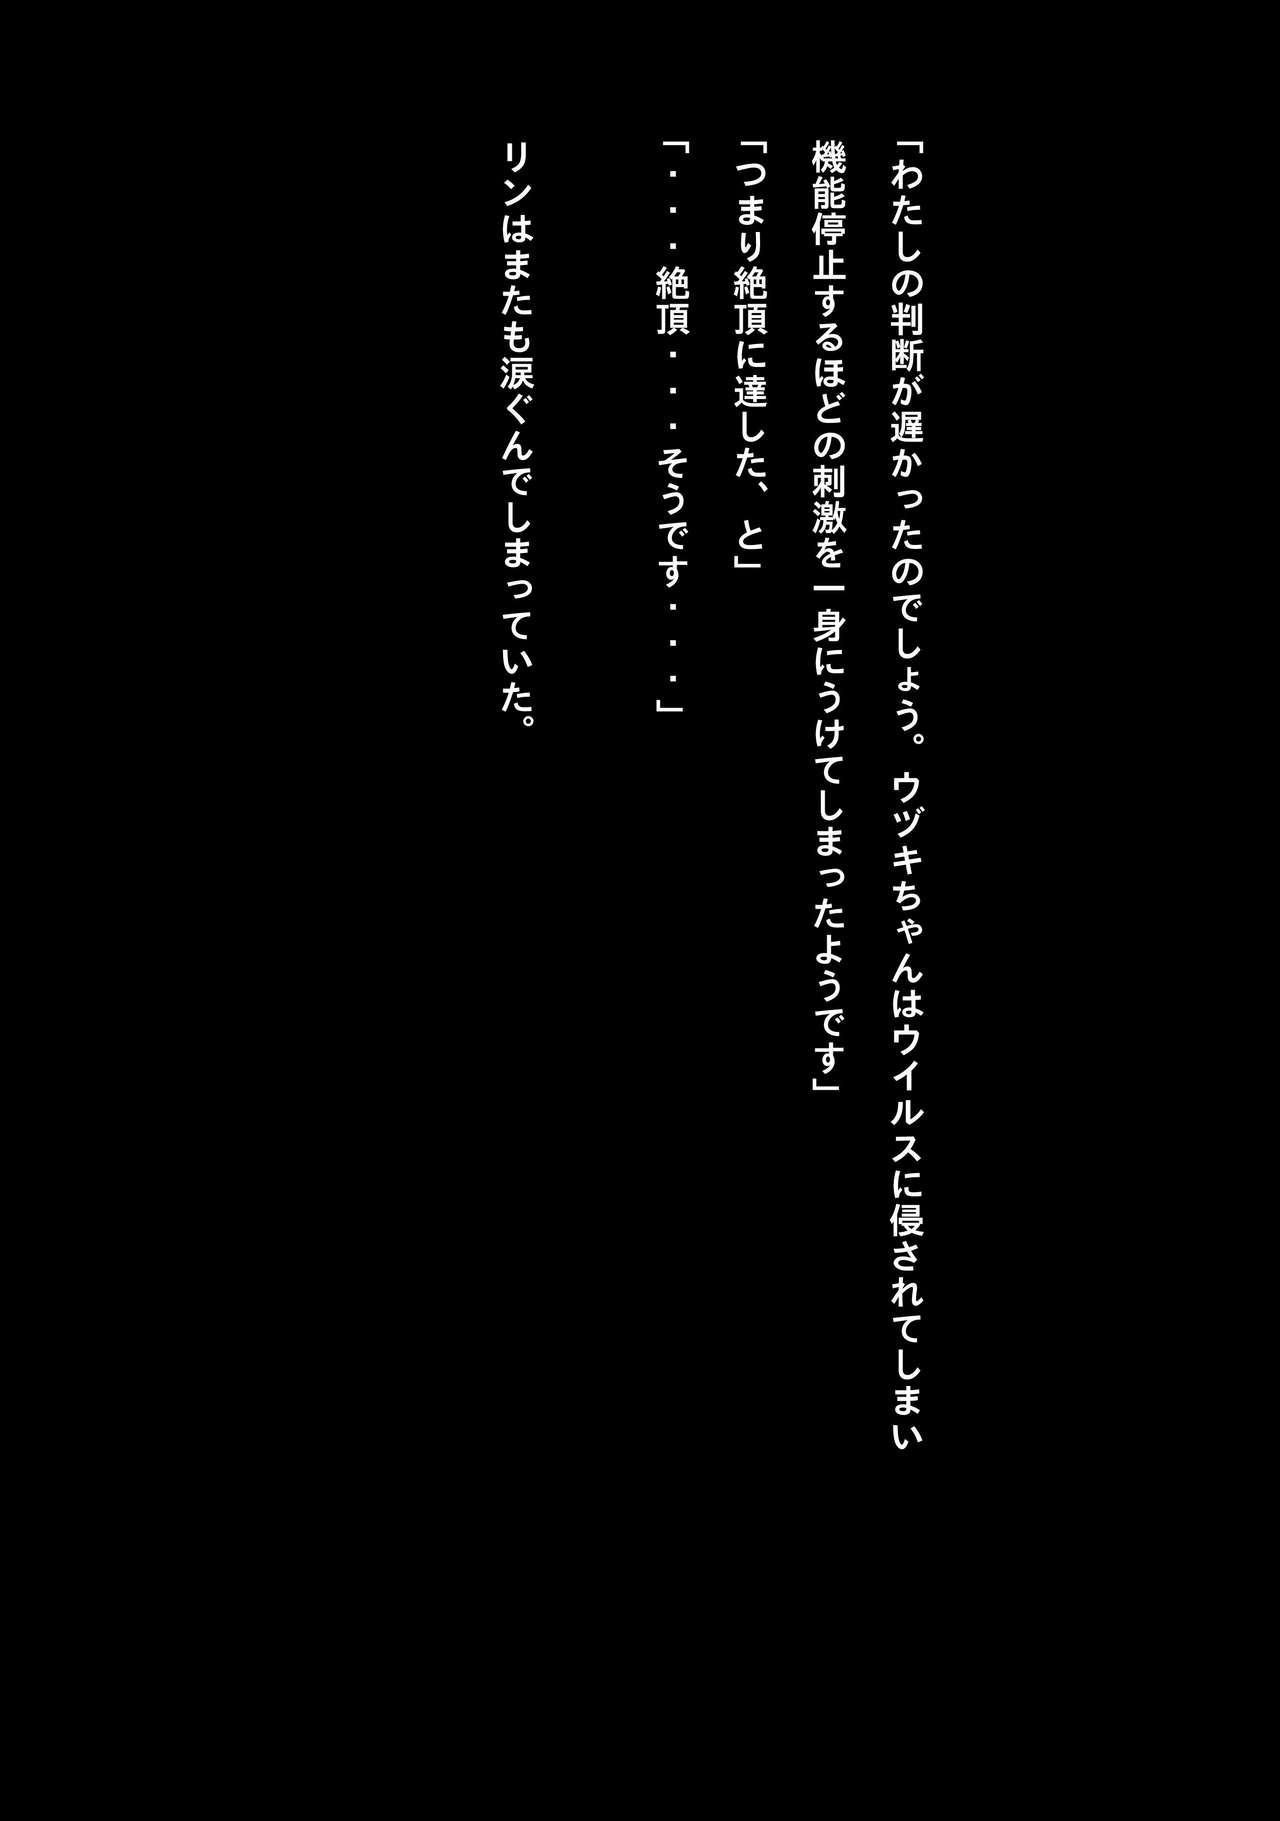 Idol Cyber Battle NEO GENERATOR episode 3 Seisan! Shi o kakugo shita shunkan 24